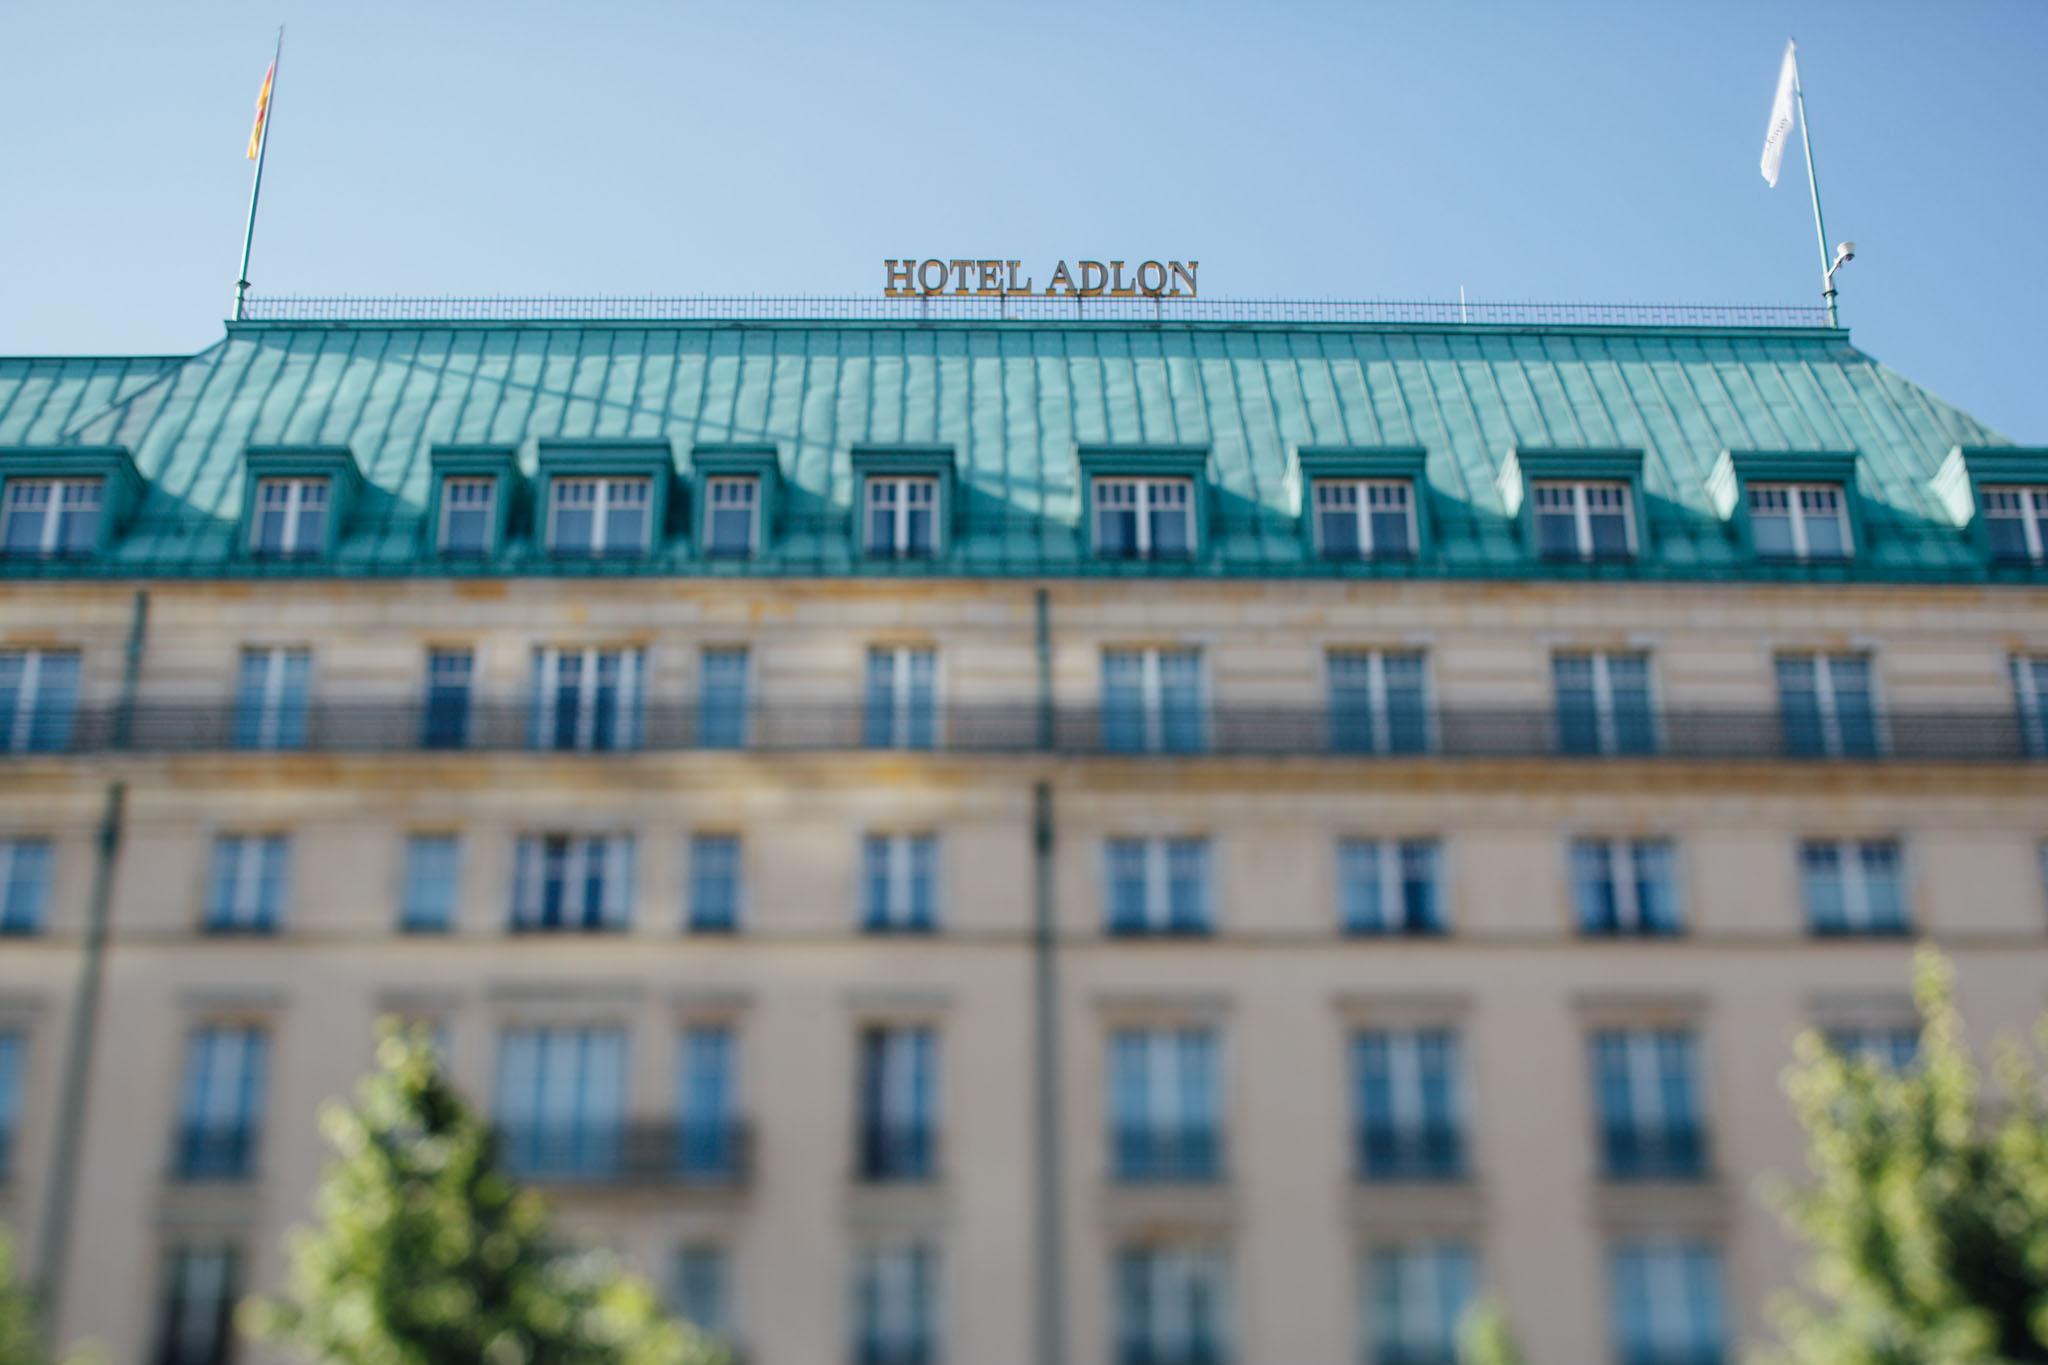 standesamt-hochzeit-hotel-adlon-berlin